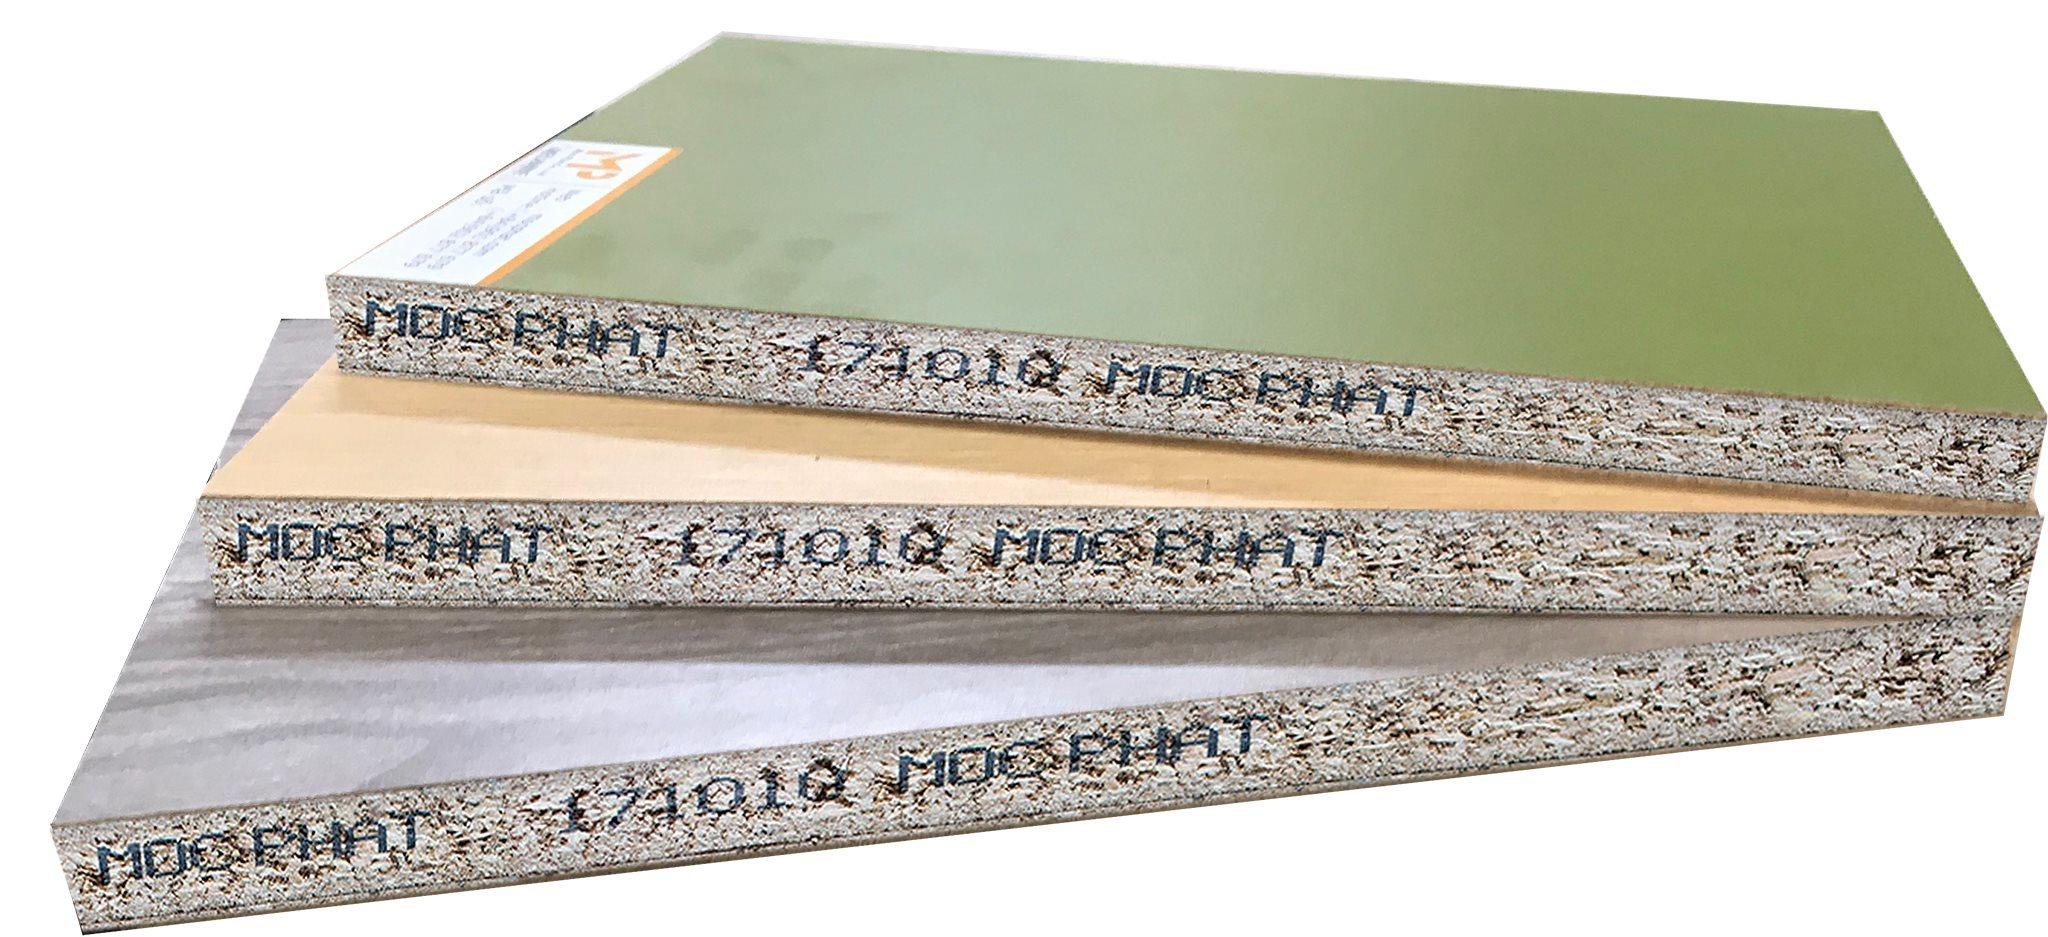 Ván dăm (Okal) và bề mặt Melamine tiêu chuẩn Mộc Phát: Vật liệu nội thất được ưa chuộng